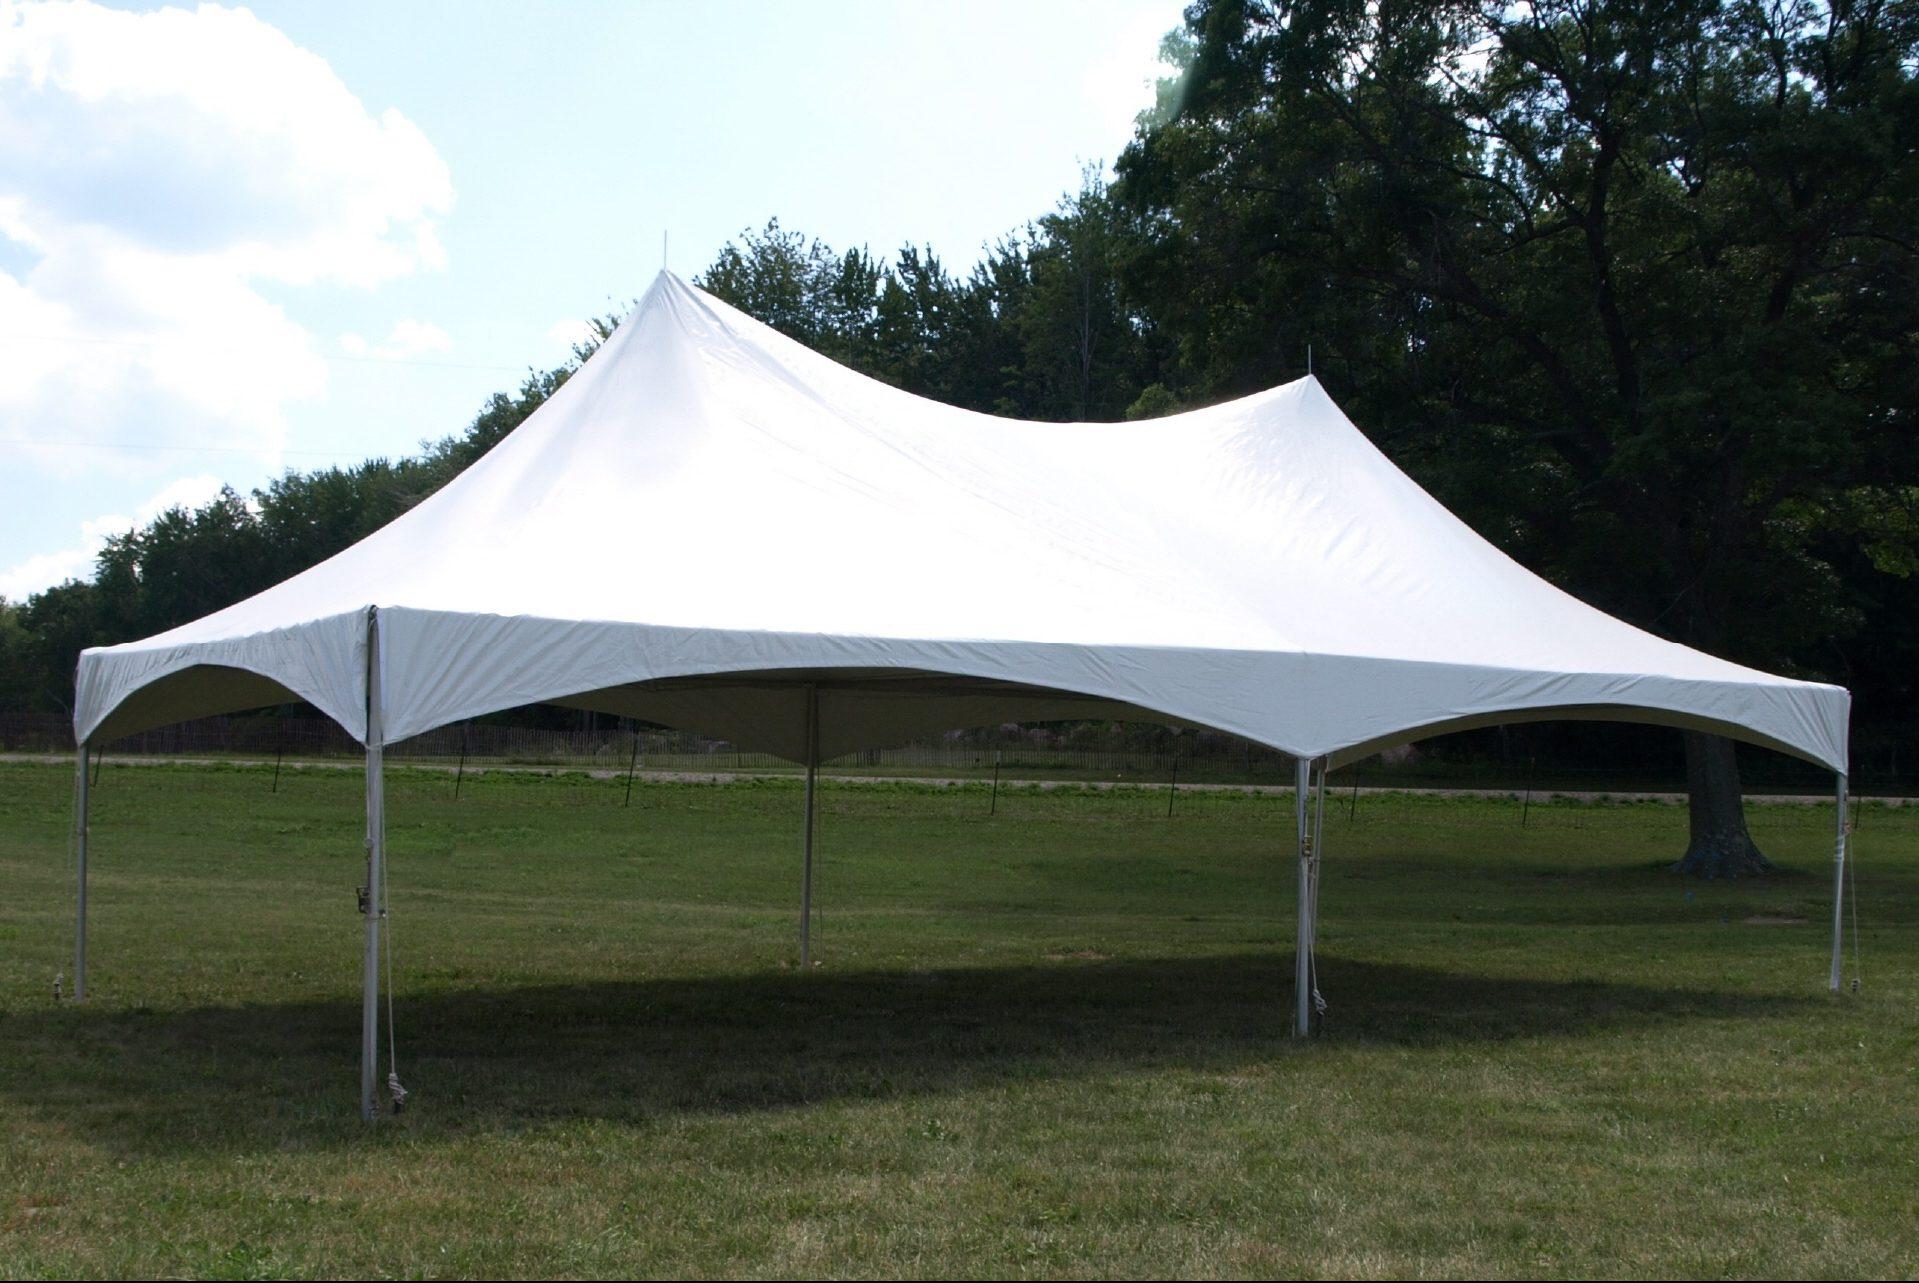 20 x 40 High Peak Frame Tents e1587754163223